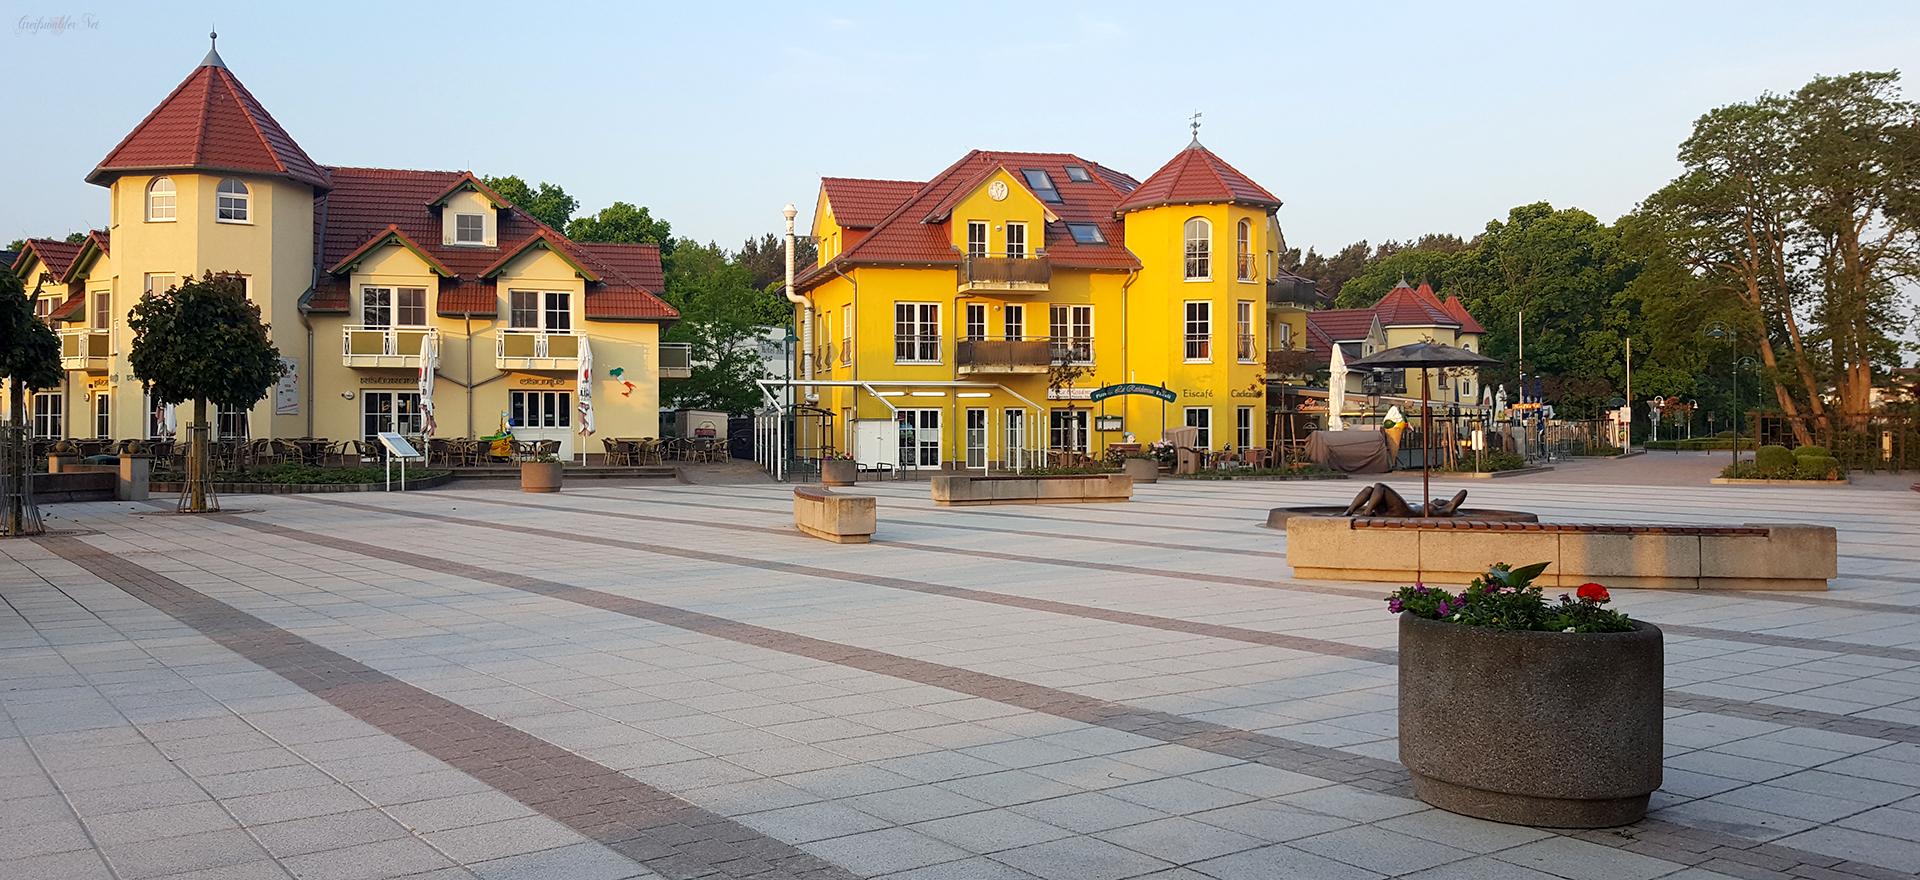 Strandpromenade Karlshagen